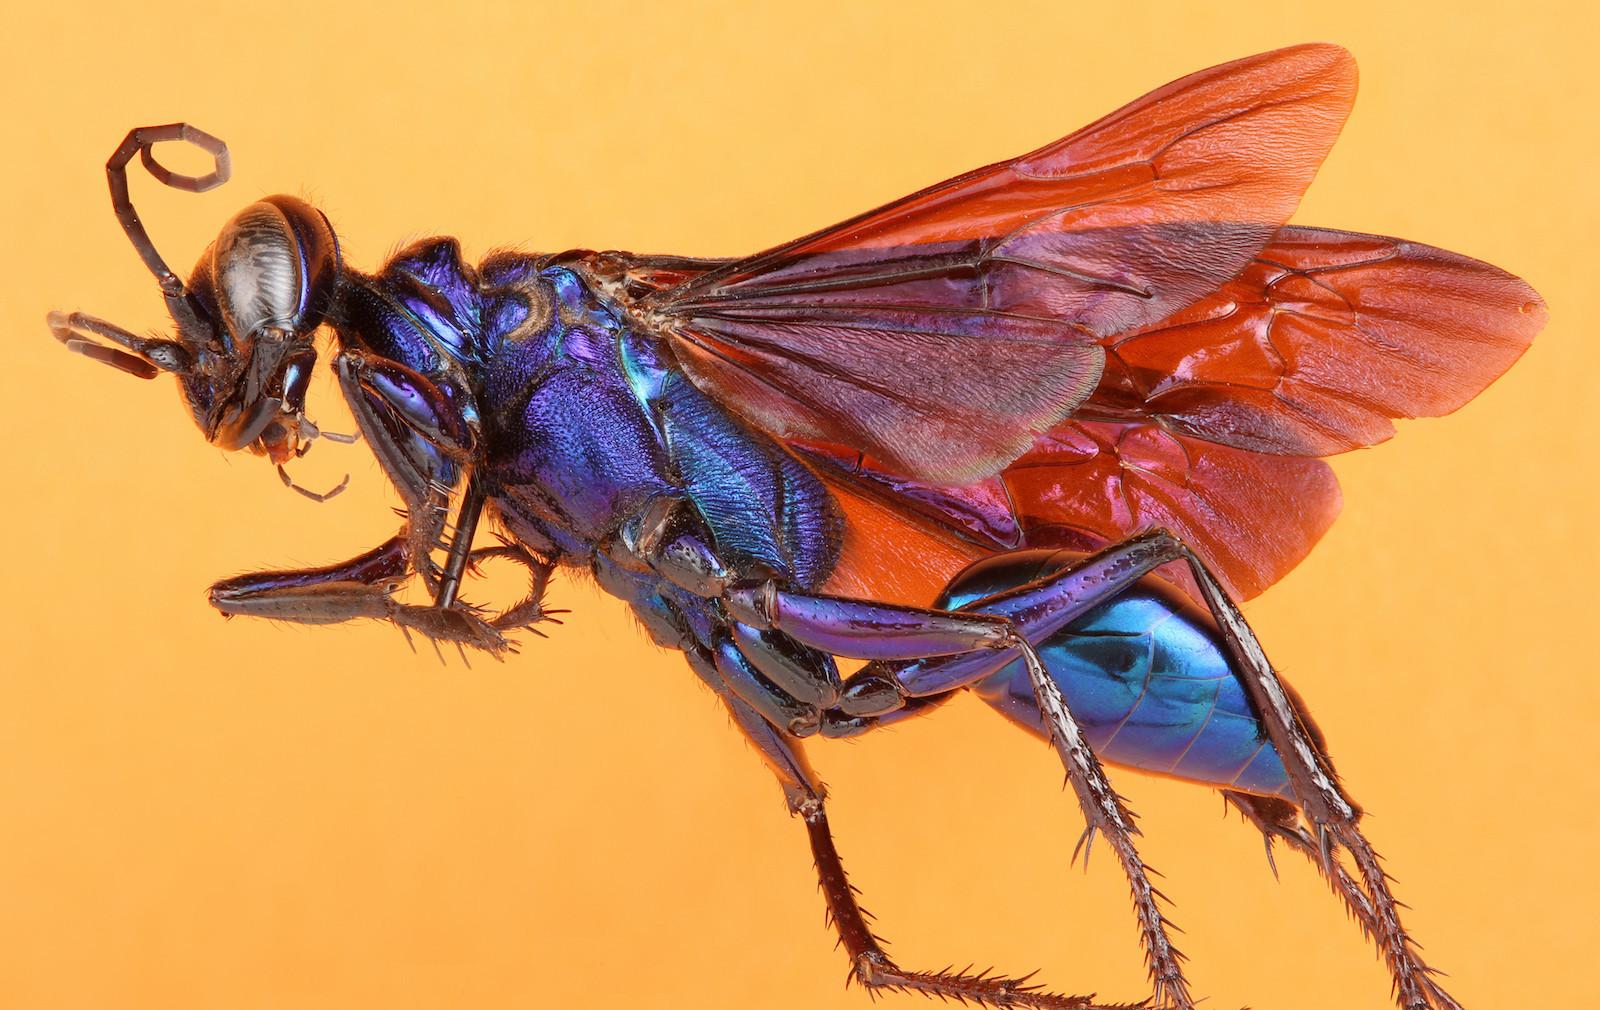 Уникальные снимки насекомых от команды Техасского университета (22фото)